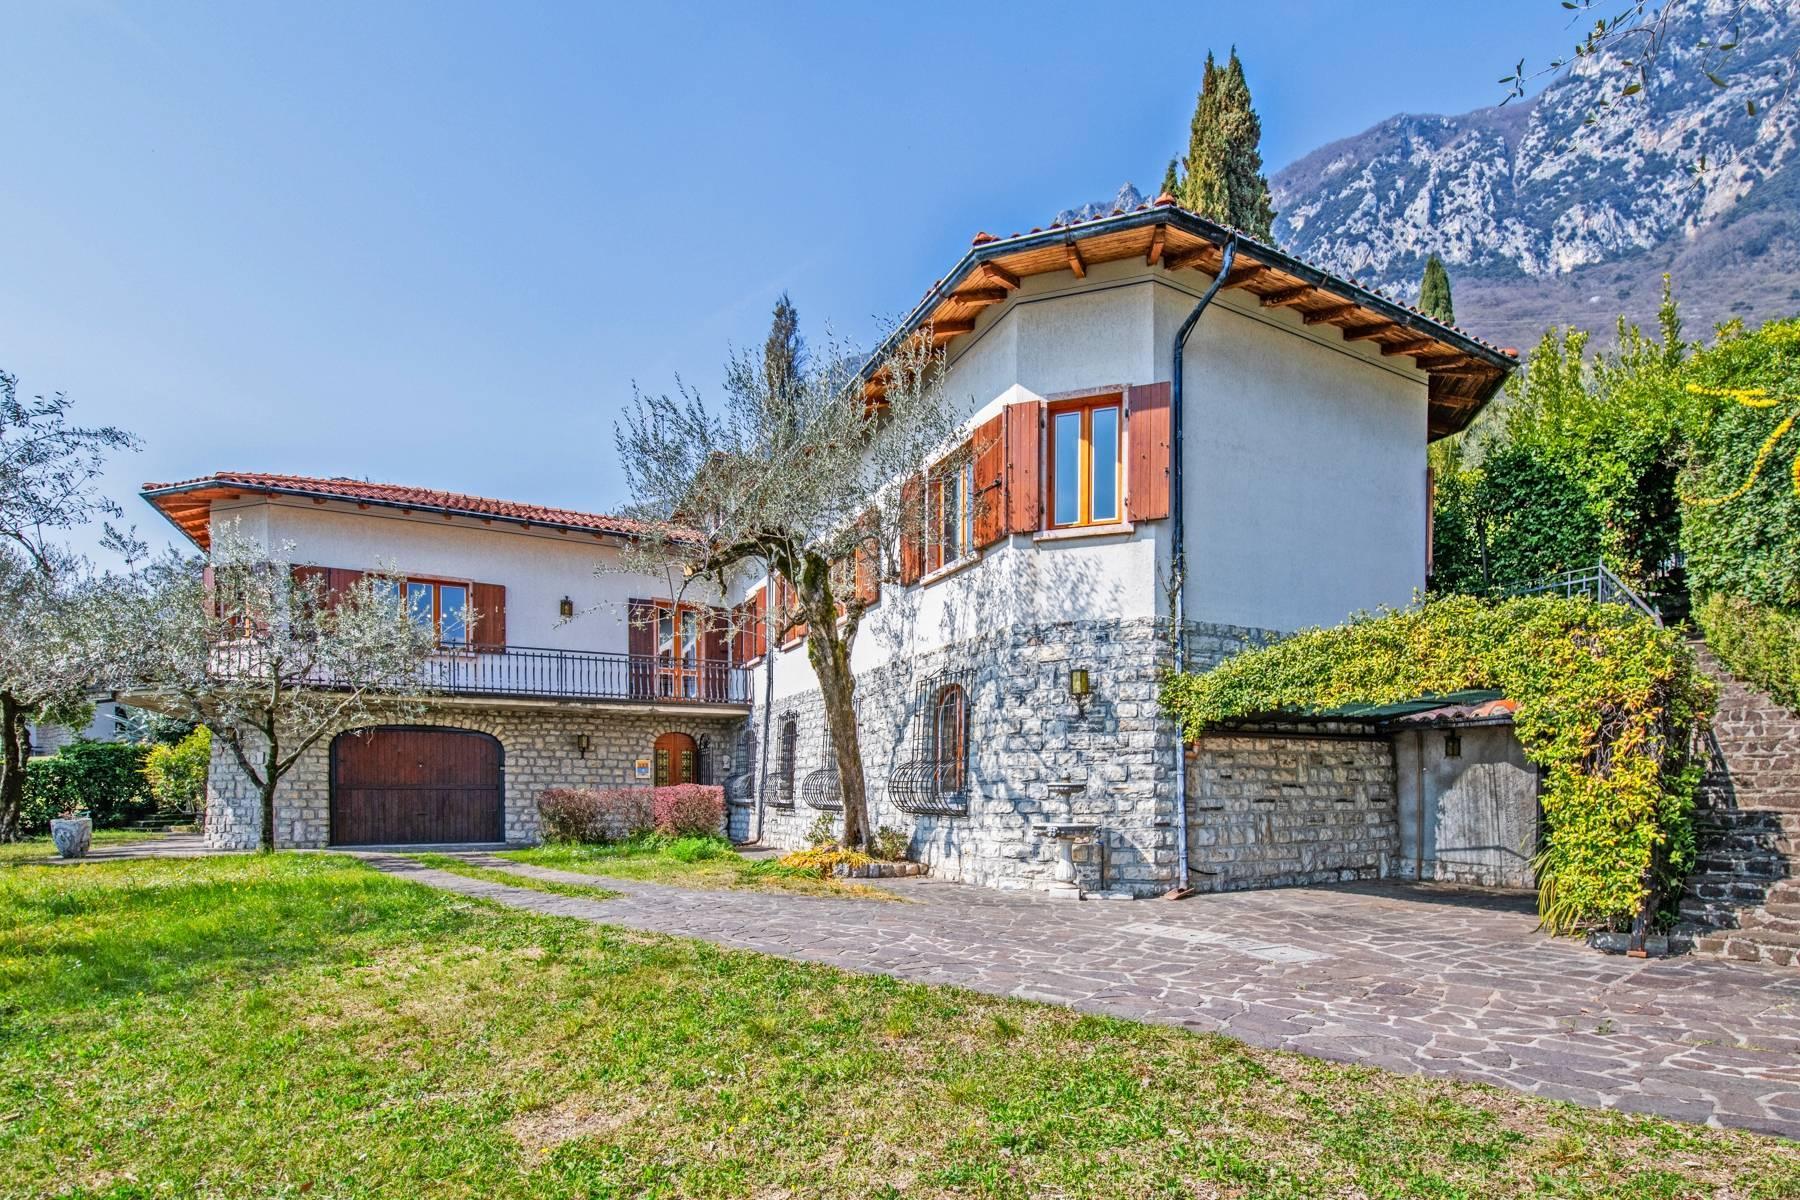 Villa in Gargnano inmitten der Olivenbäume vom Gardasee mit herrlichem Seeblick - 13